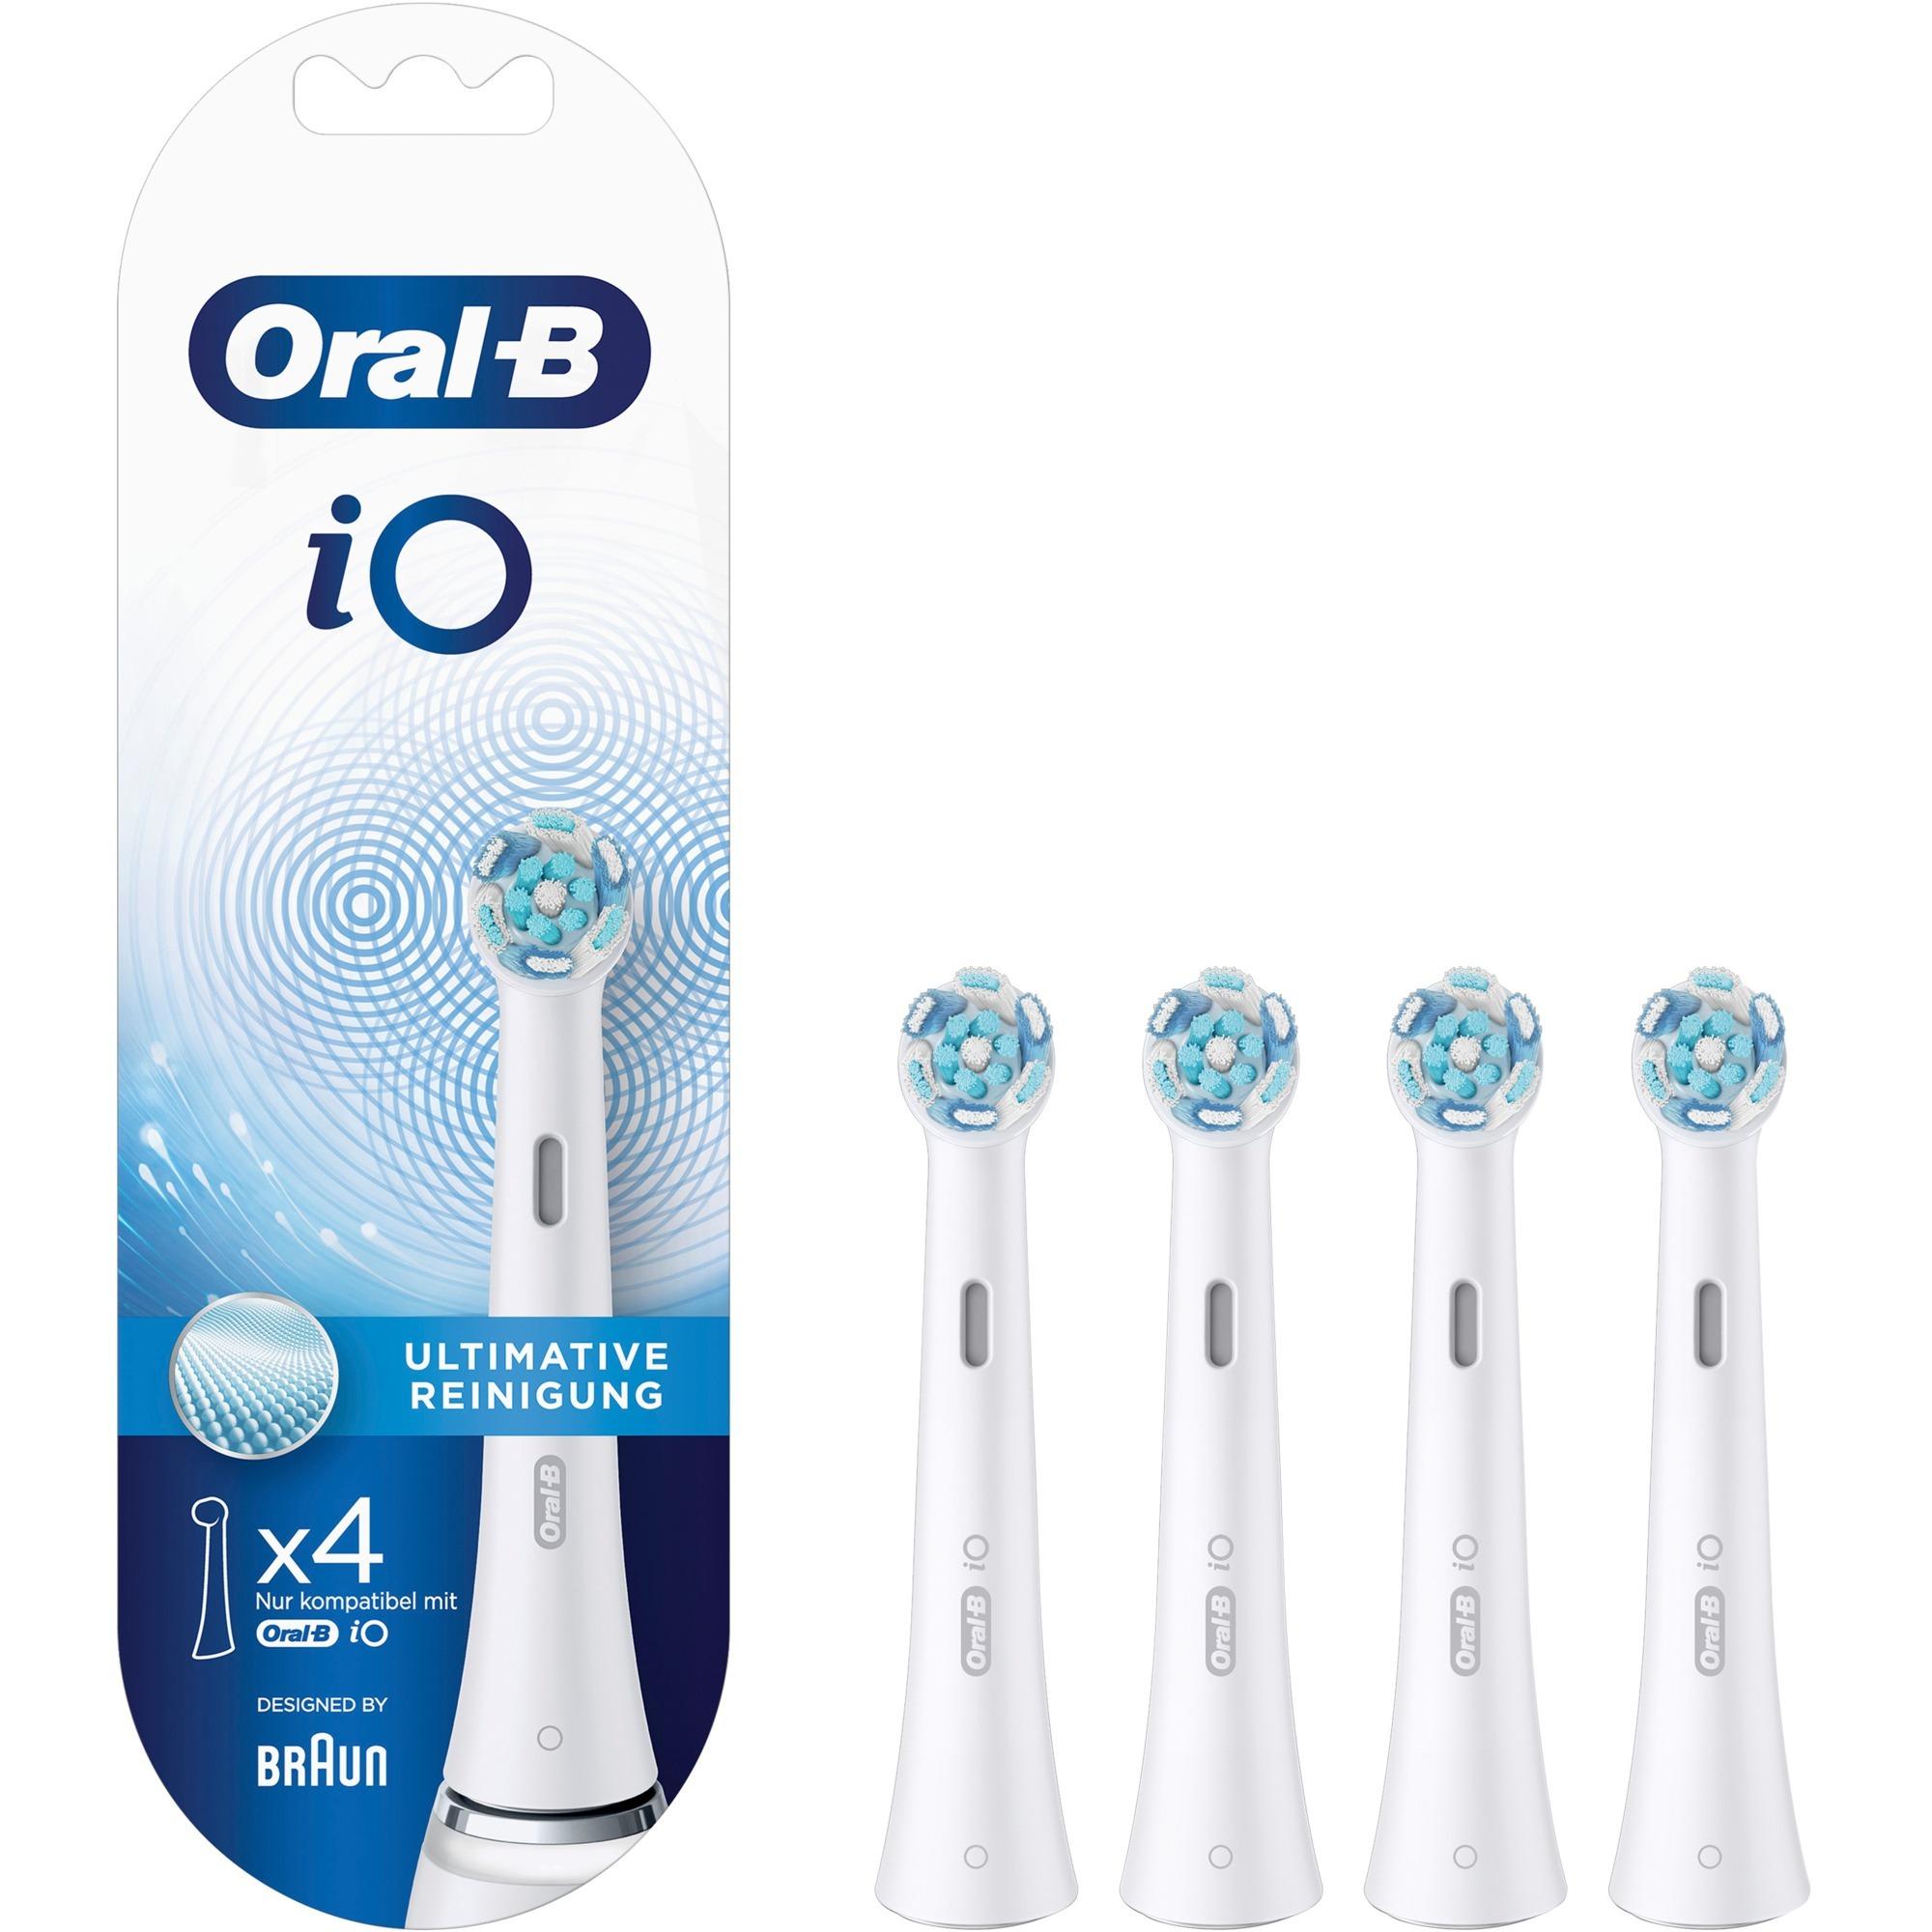 Image of Oral-B iO Ultimative Reinigung 4er, Aufsteckbürste